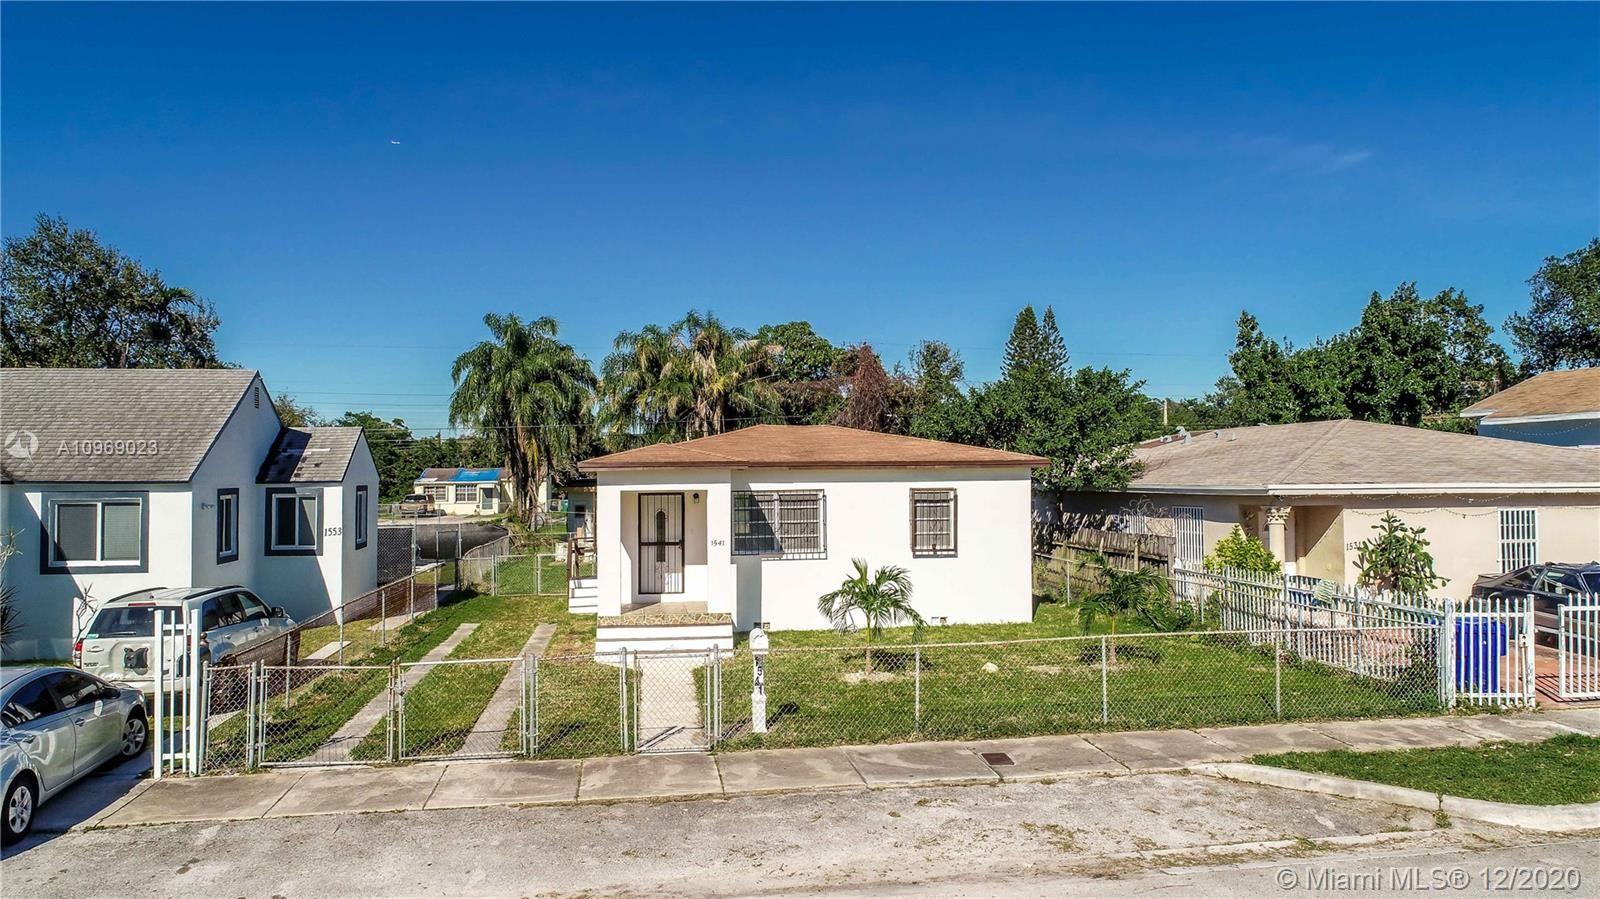 1541 NW 55th St, Miami, FL 33142 - #: A10969023